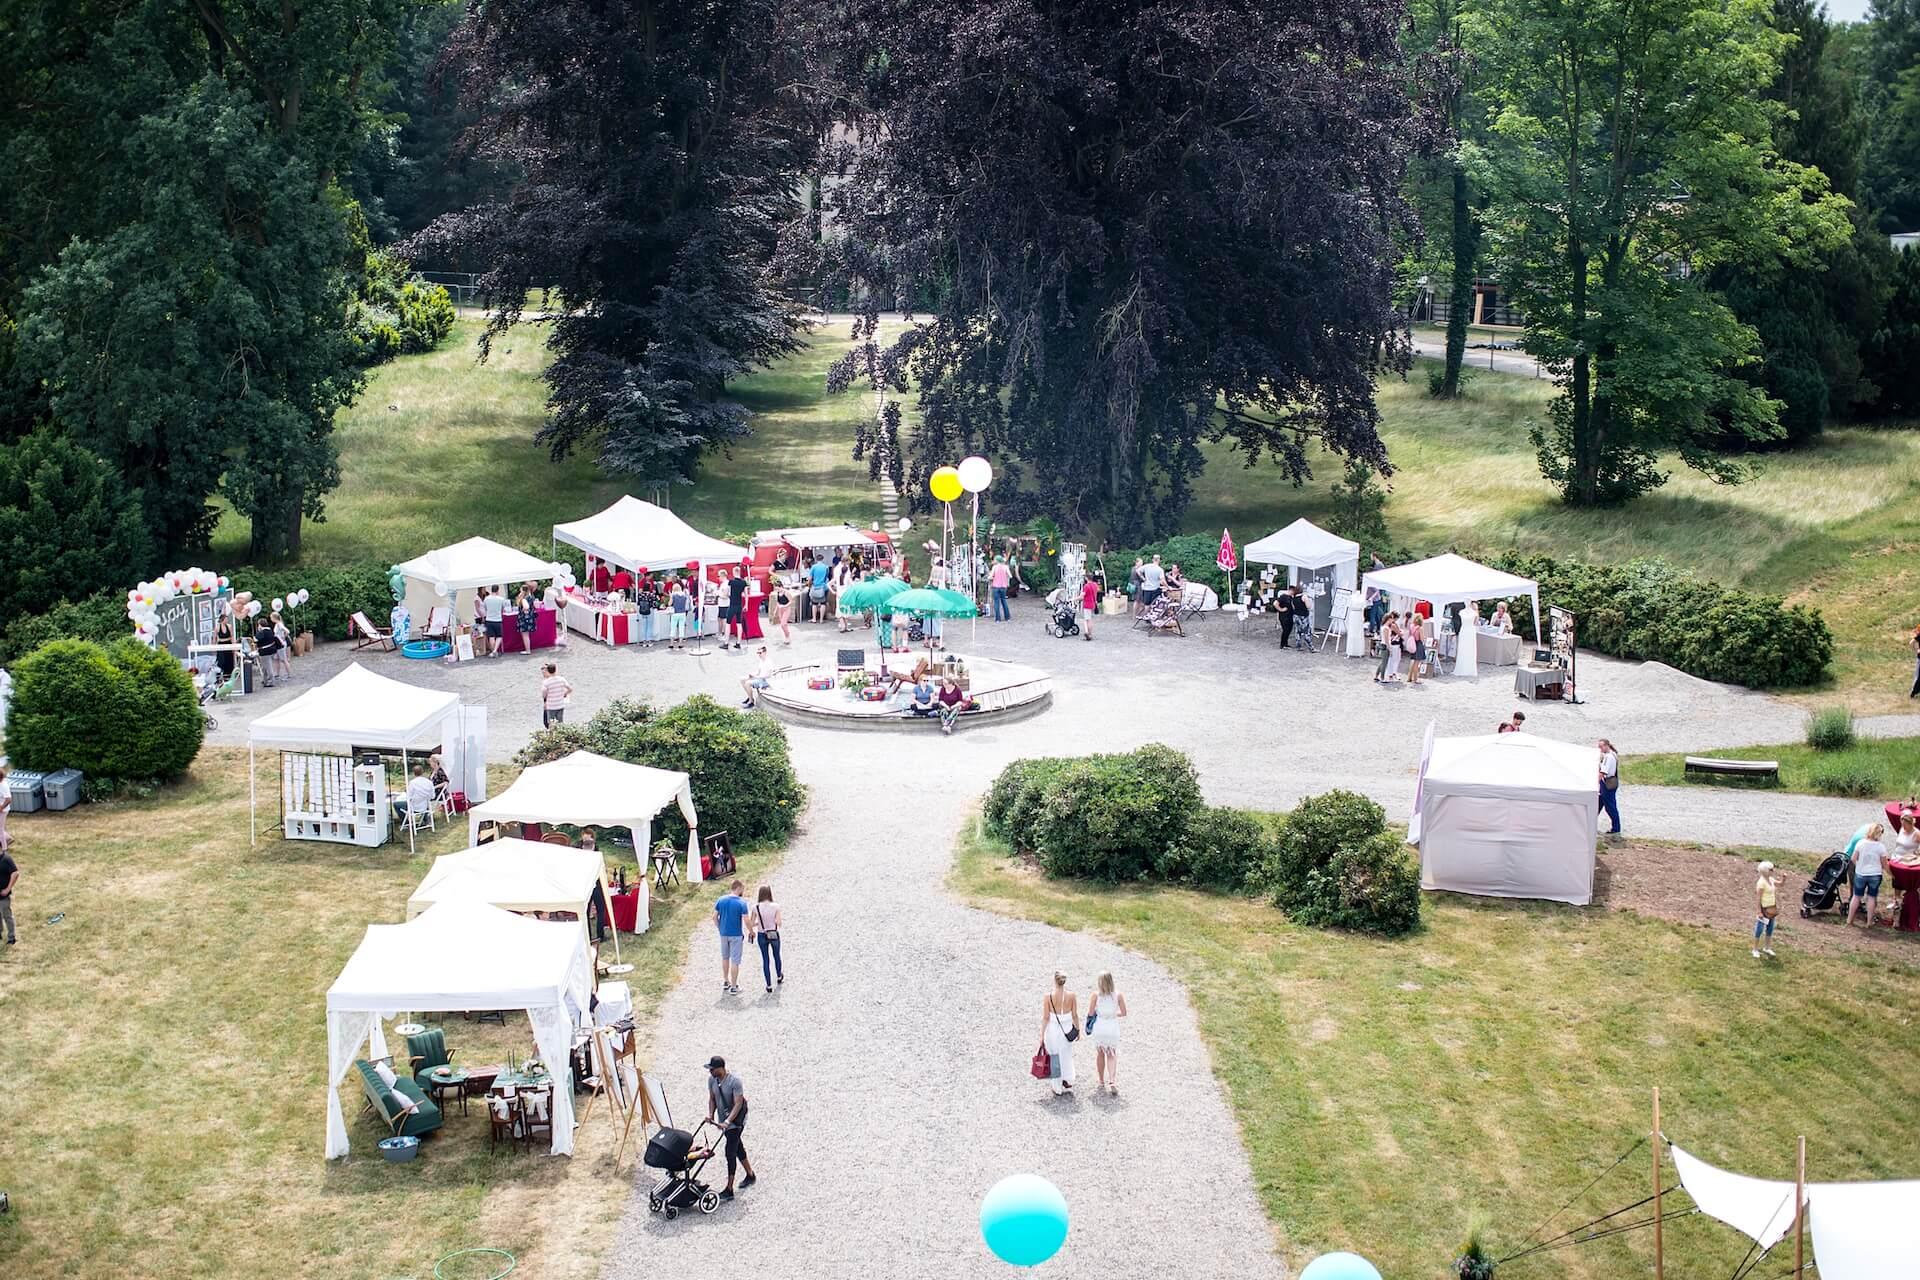 Wedding-Market-Leipzig-Sommer-Edition-2018-so-entspannt-kann-Hochzeitsmesse-auch-sein-(c)-Anne-Schwerin.jpg